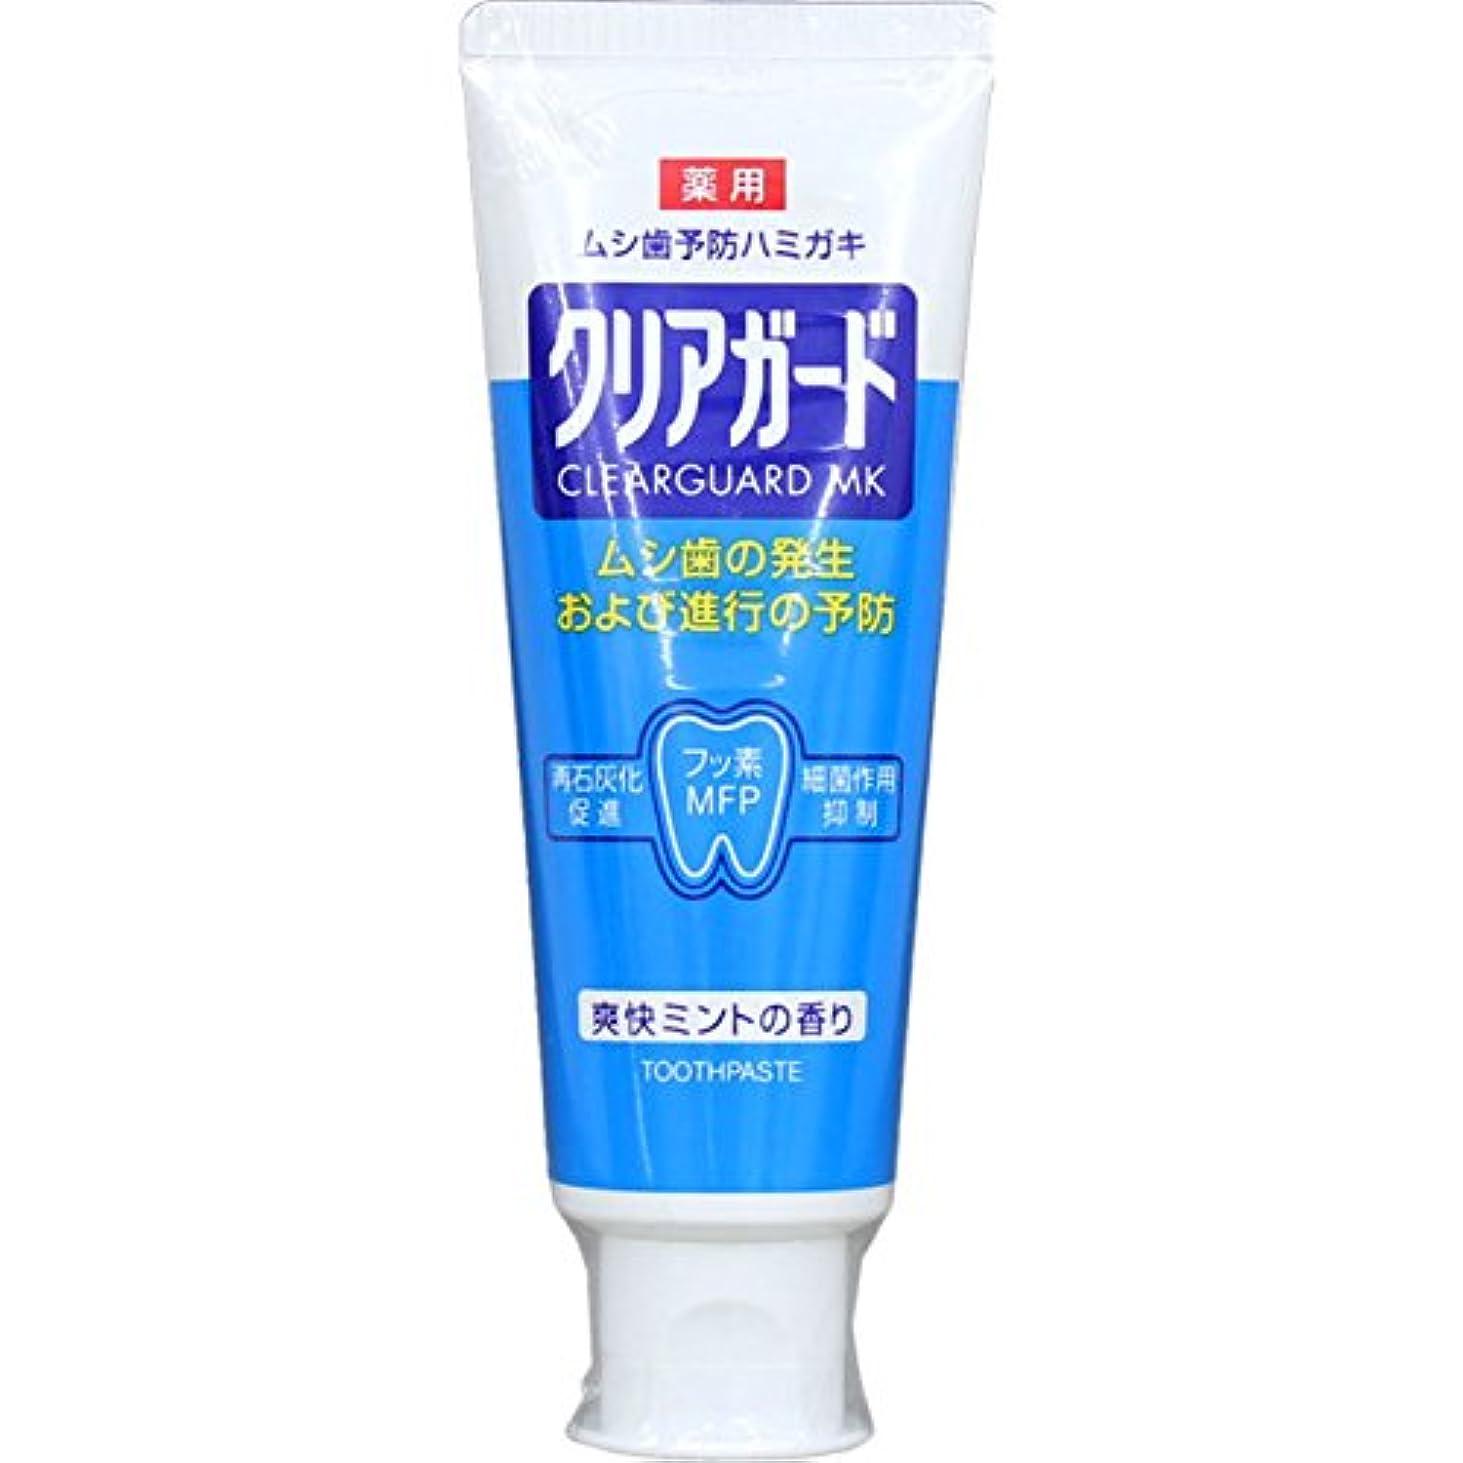 喜びハンディ割り込みMK 薬用クリアガード 160g (医薬部外品)